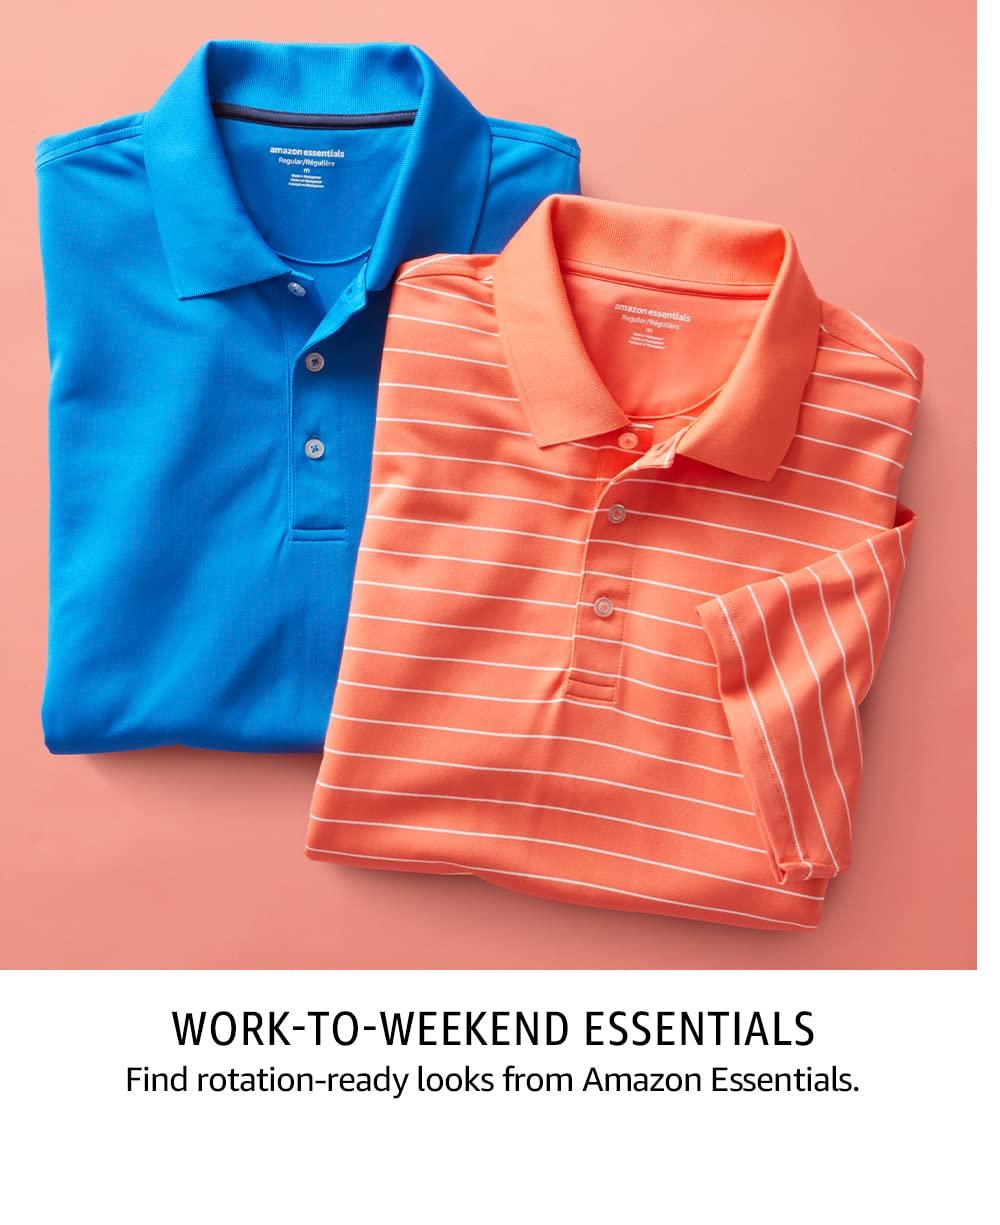 Work-To-Weekend Essentials